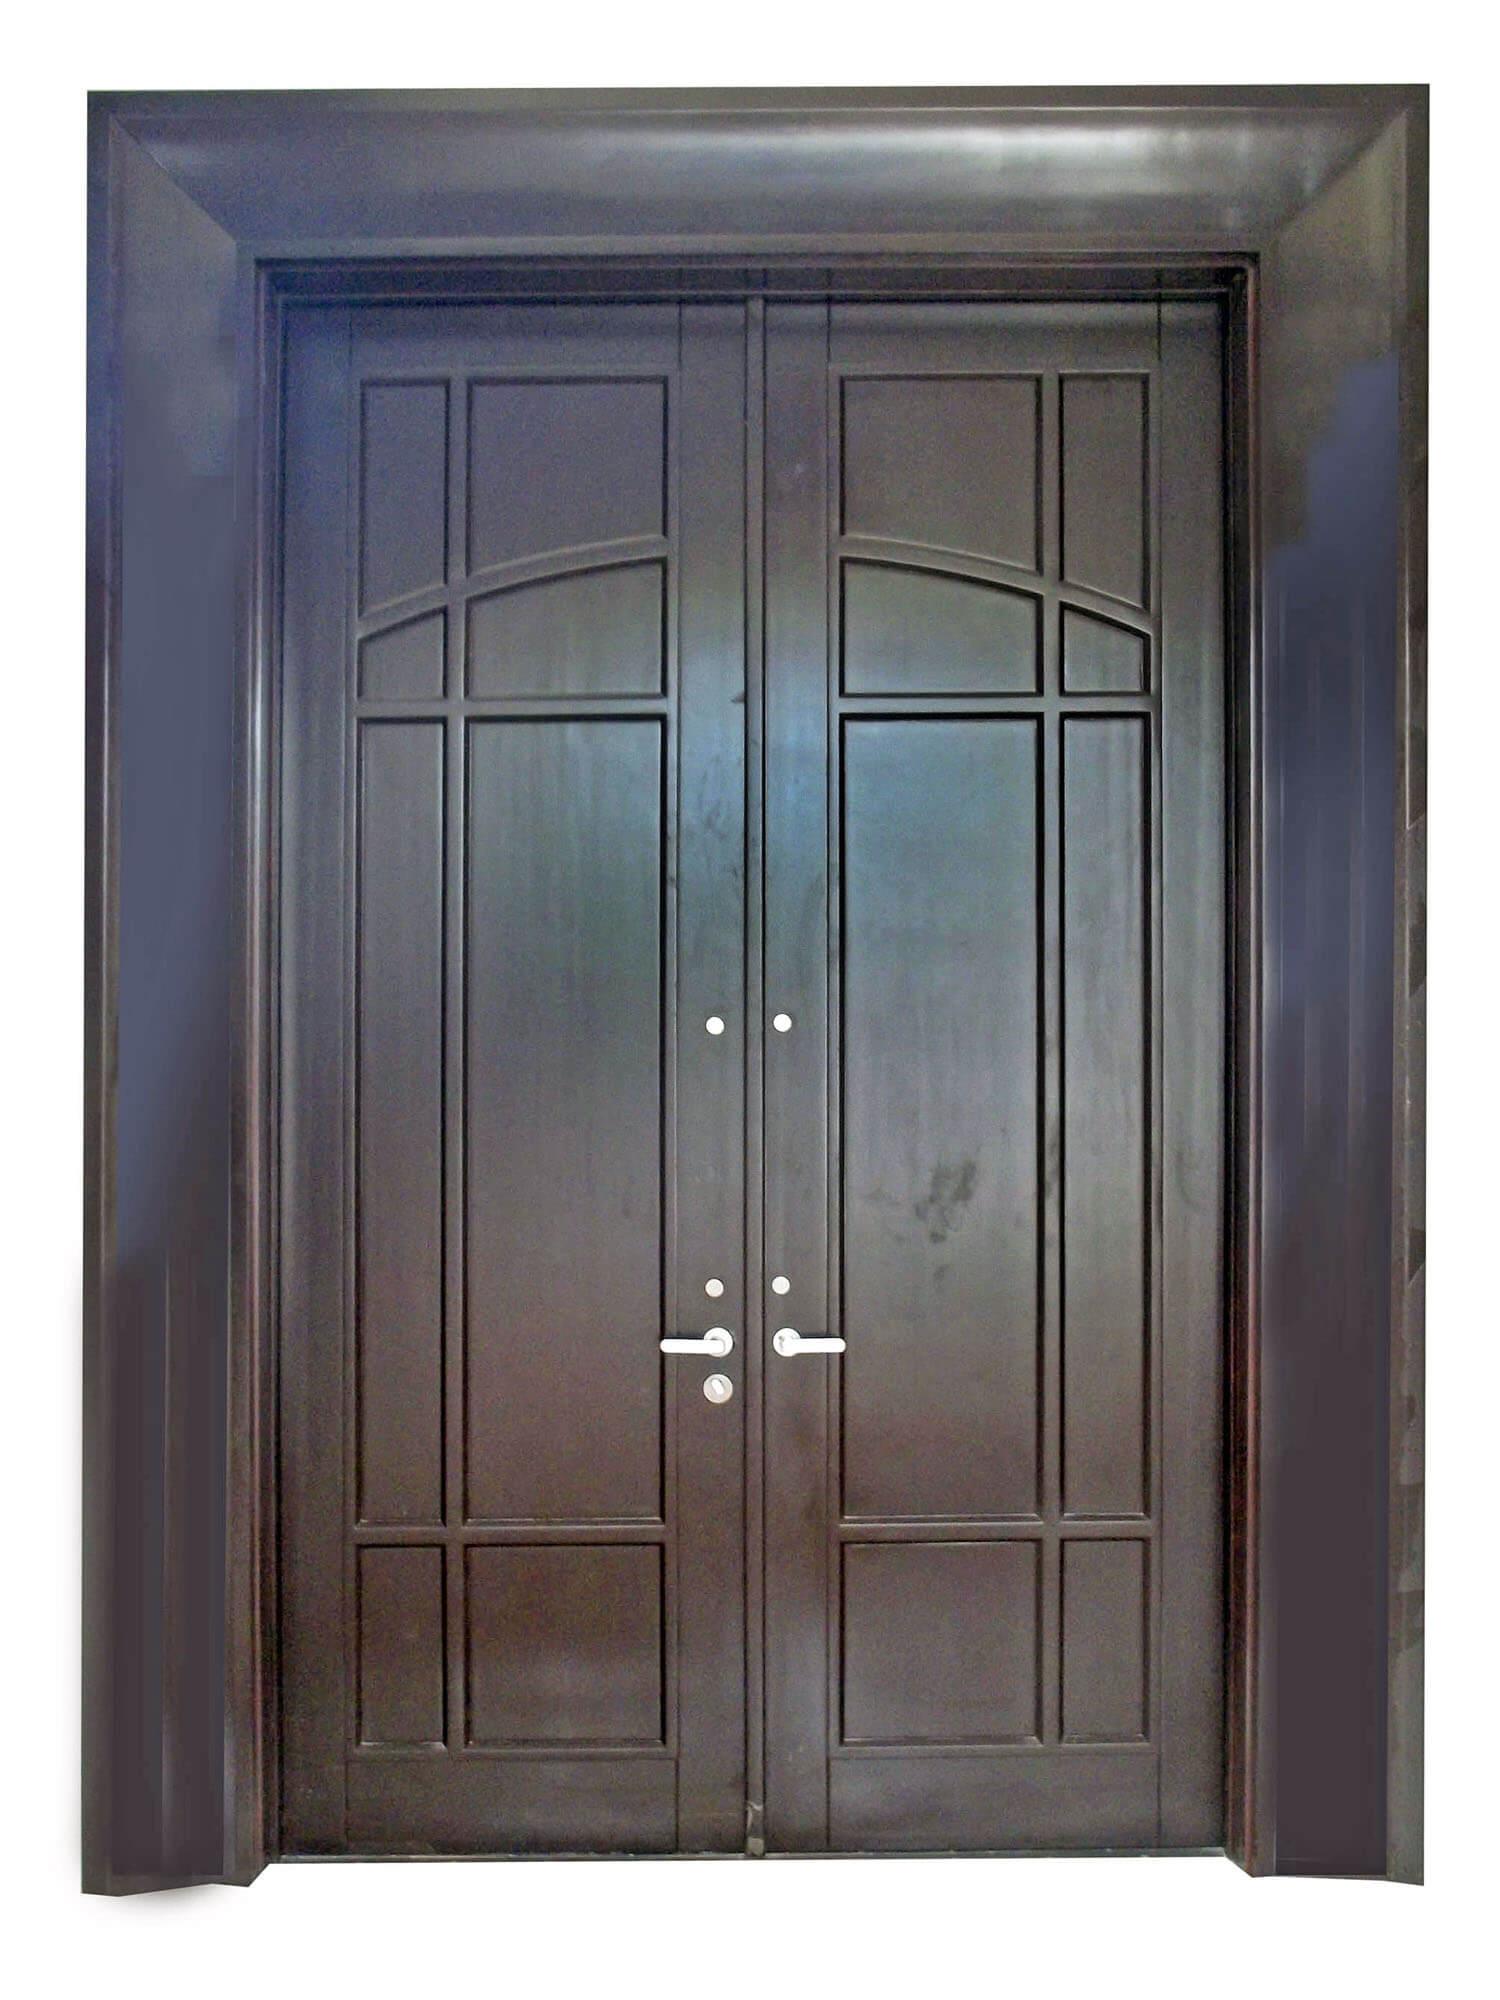 MIRAMAR MAHOGANY EXTERIOR DOORS INTERIOR